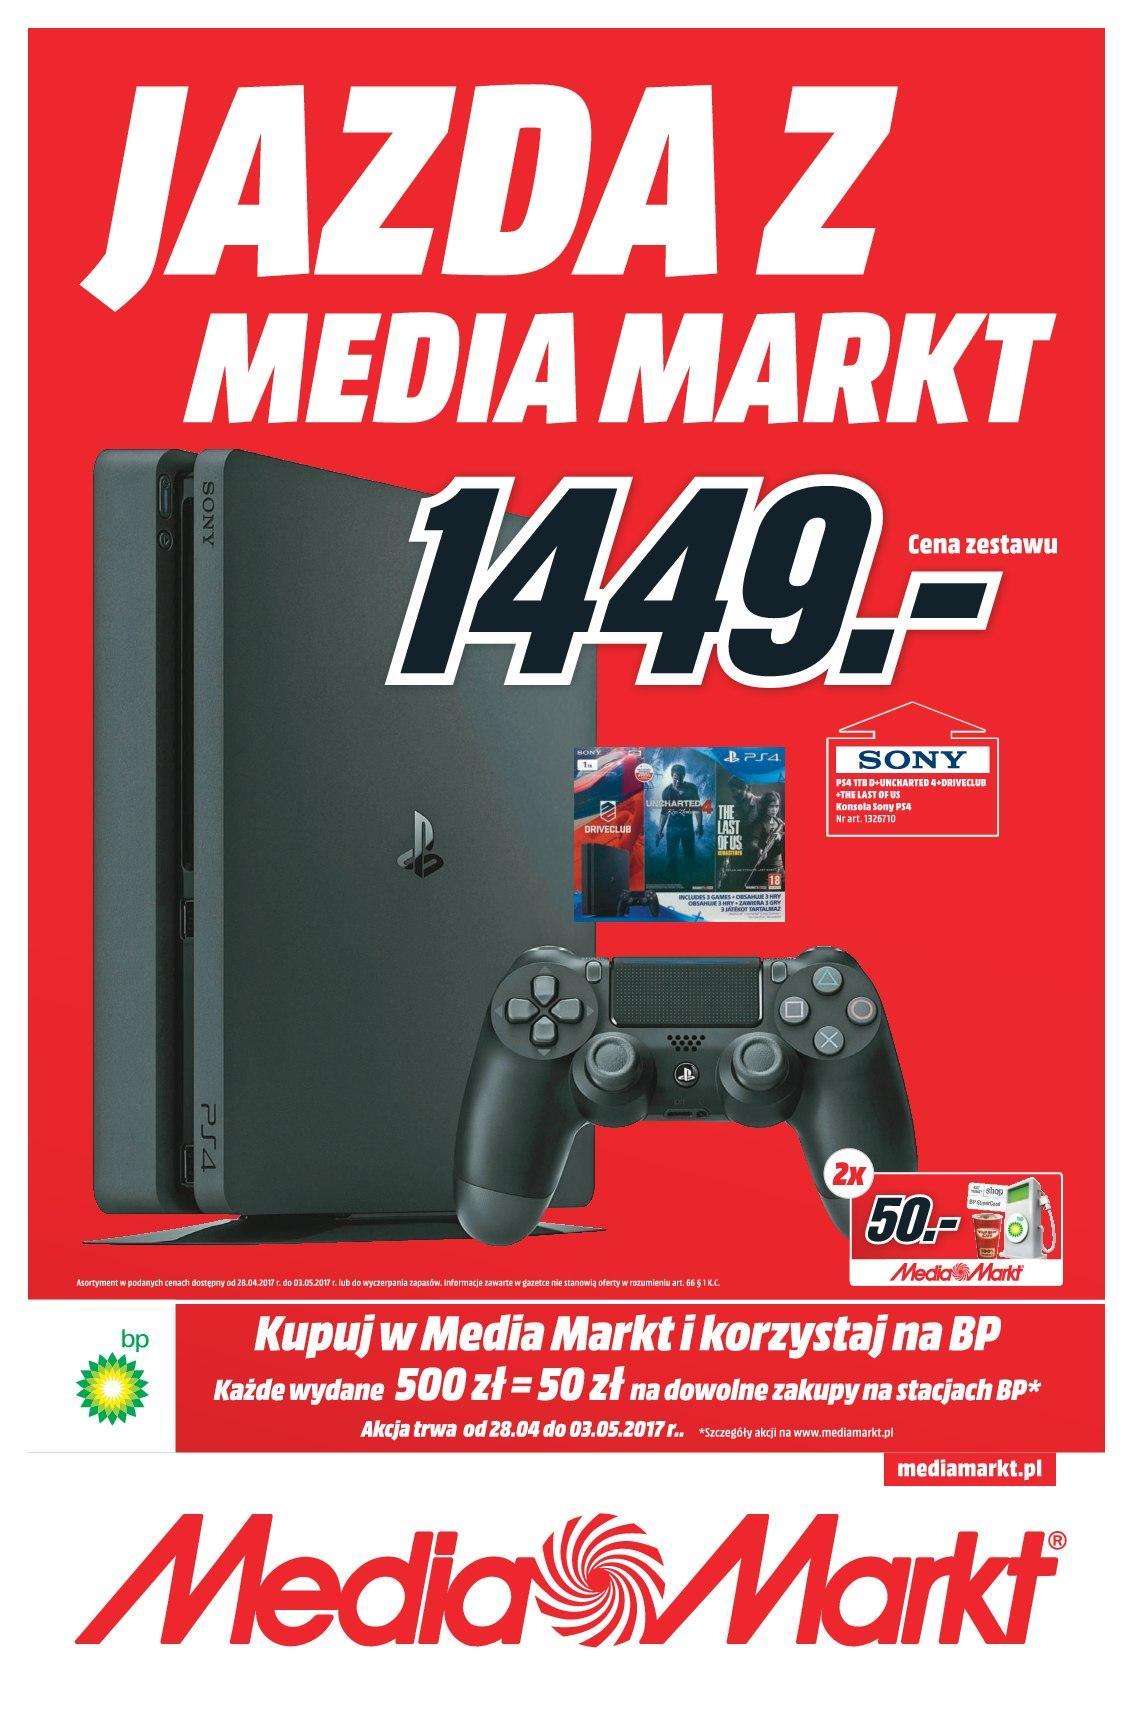 Gazetka promocyjna Media Markt do 03/05/2017 str.0